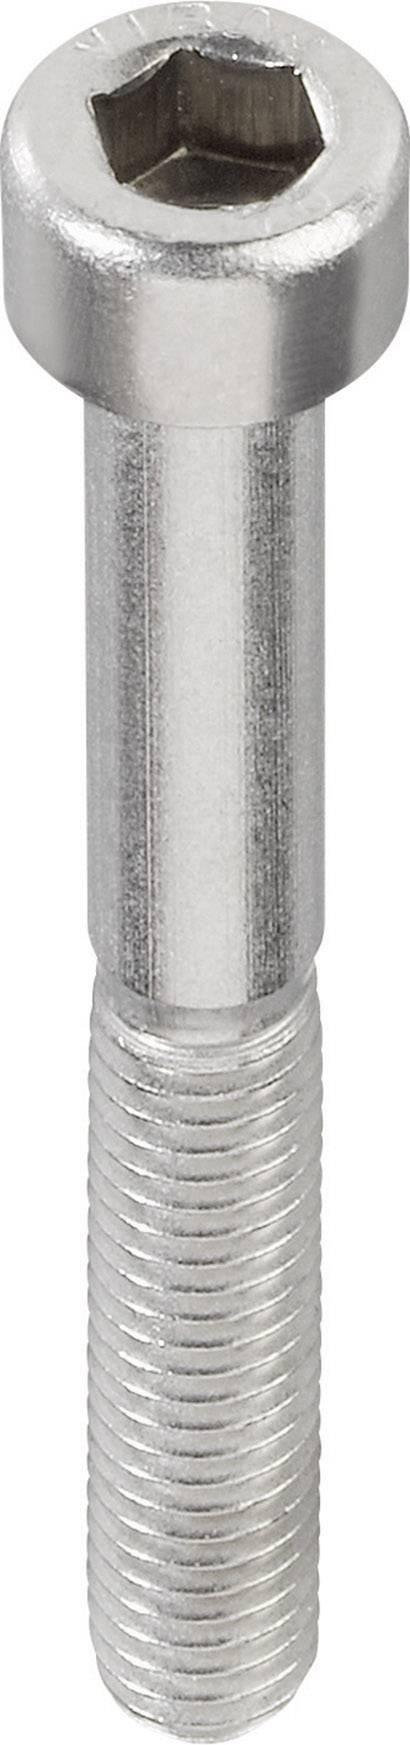 Zylinderschrauben M6x90 DIN 912 10 St/ück Edelstahl A2 mit Innensechskant